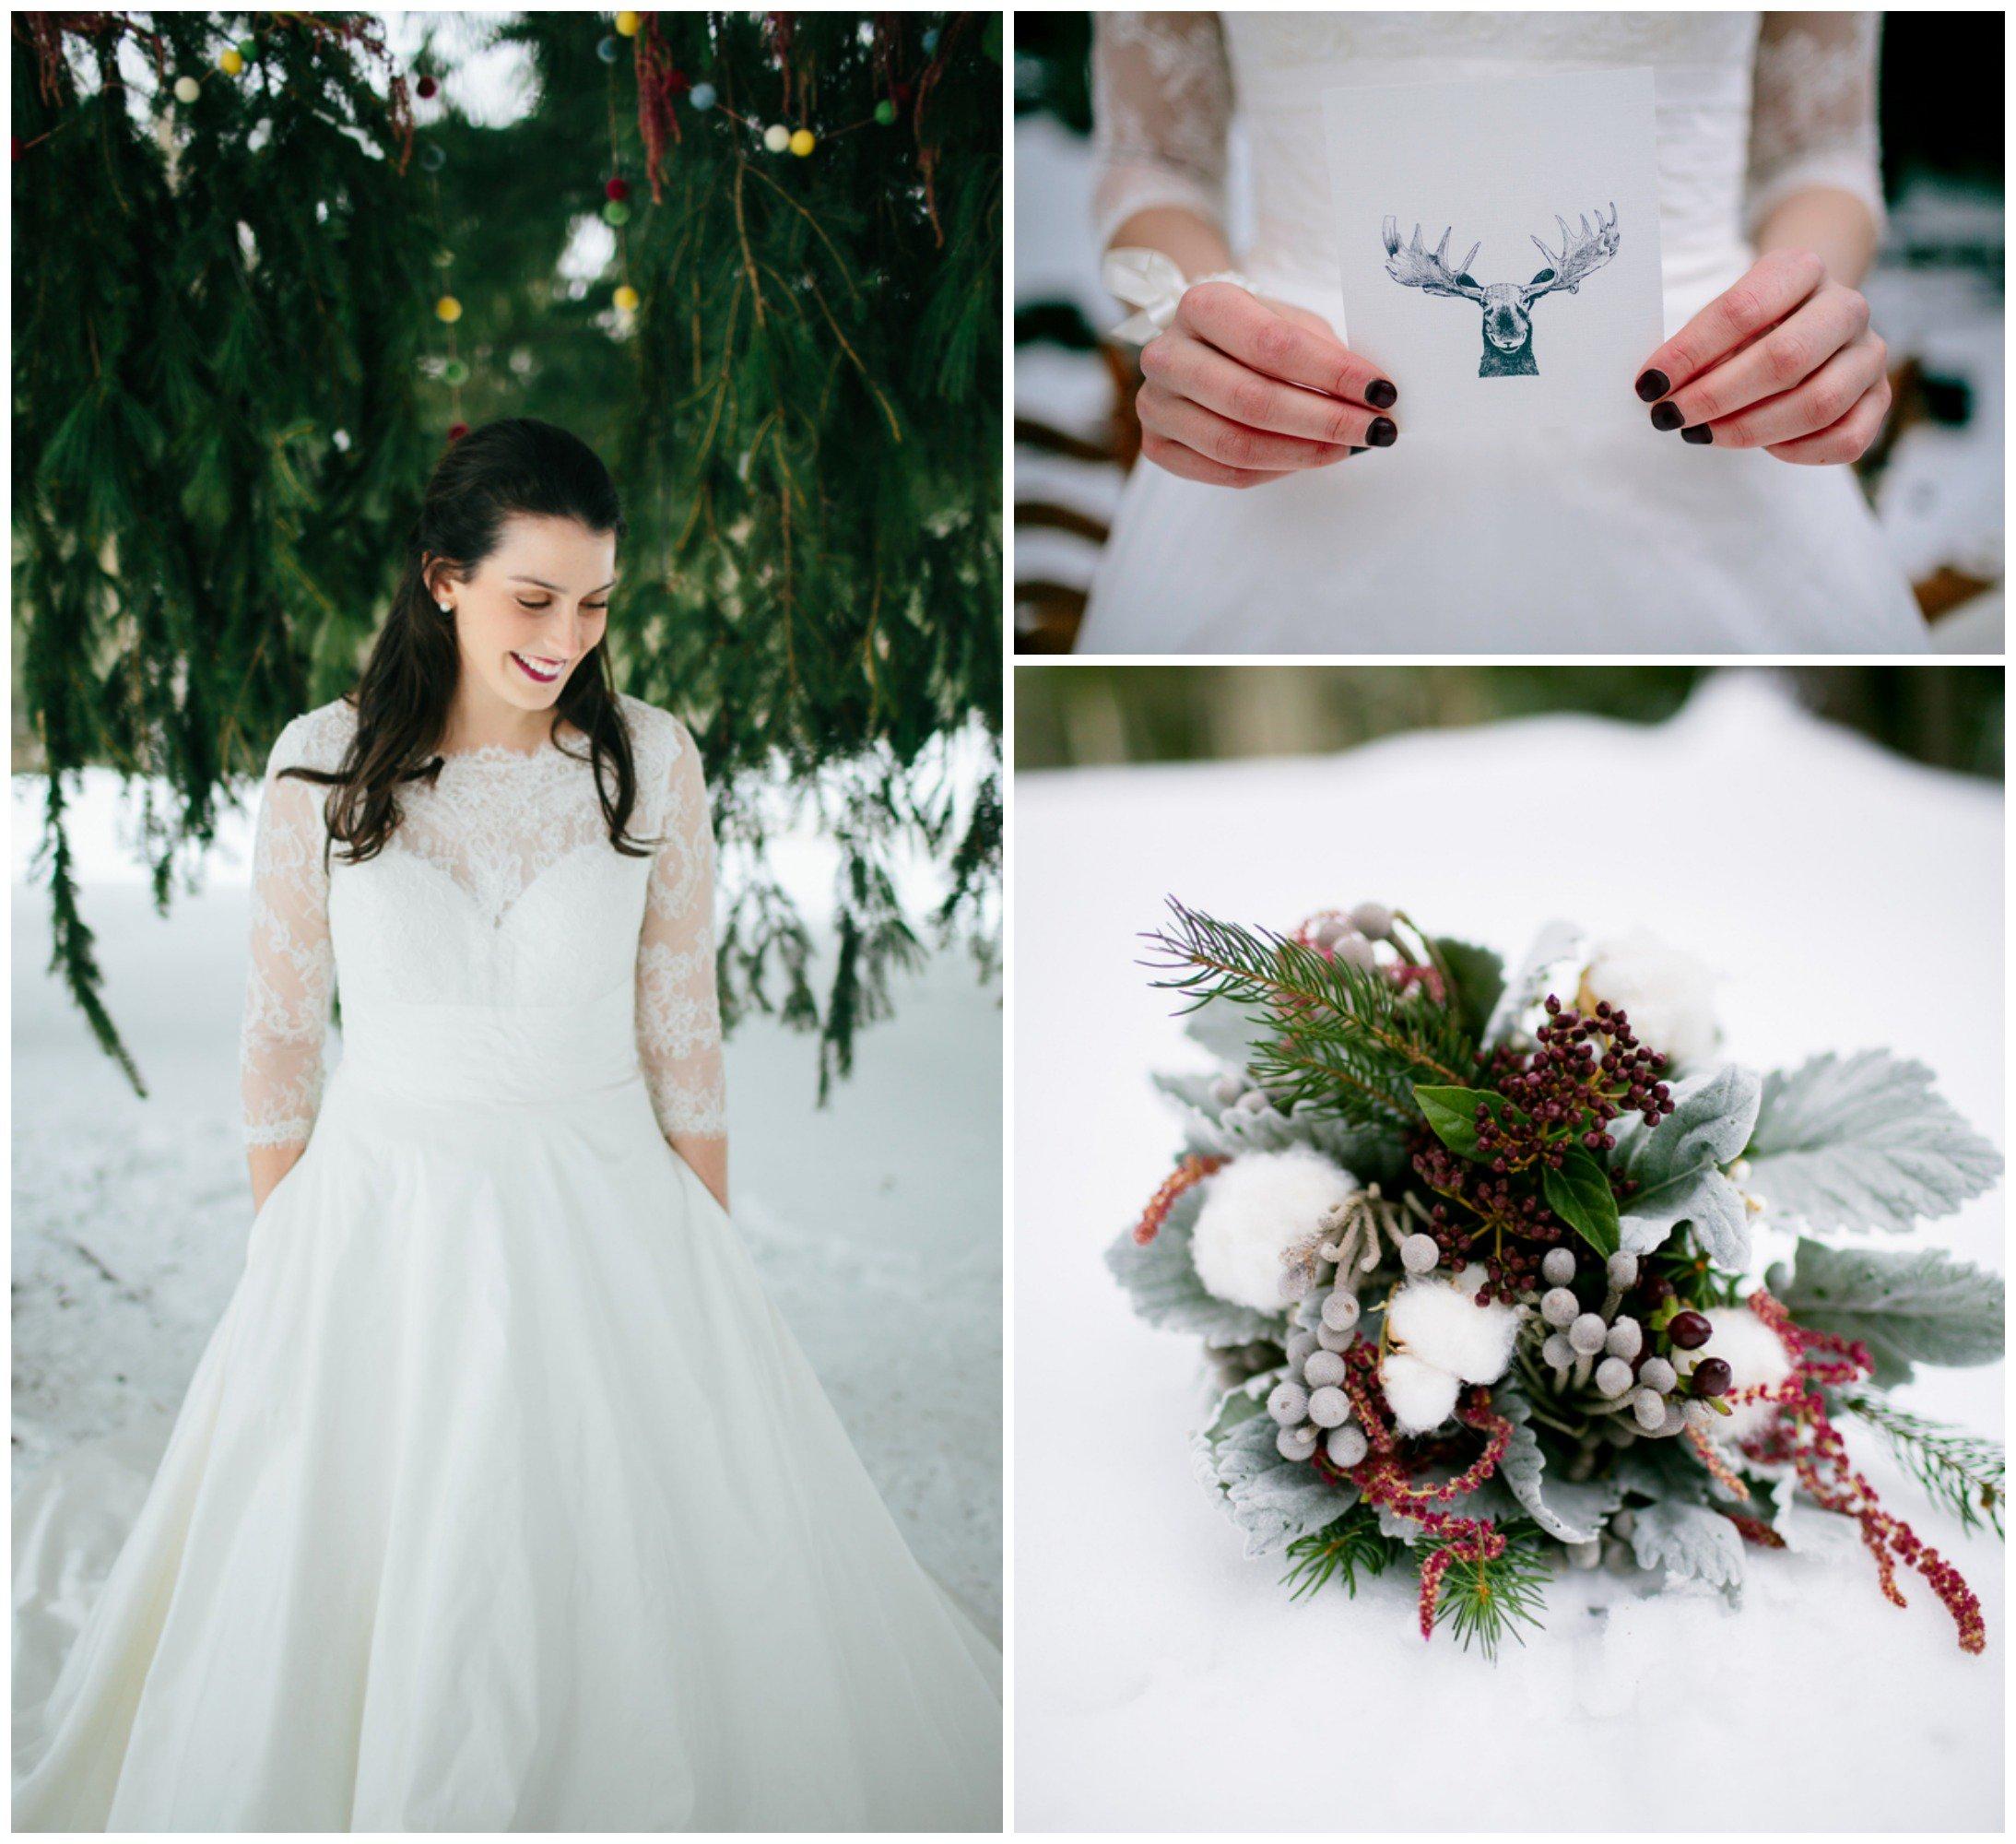 Una perfetta sposa country invernale